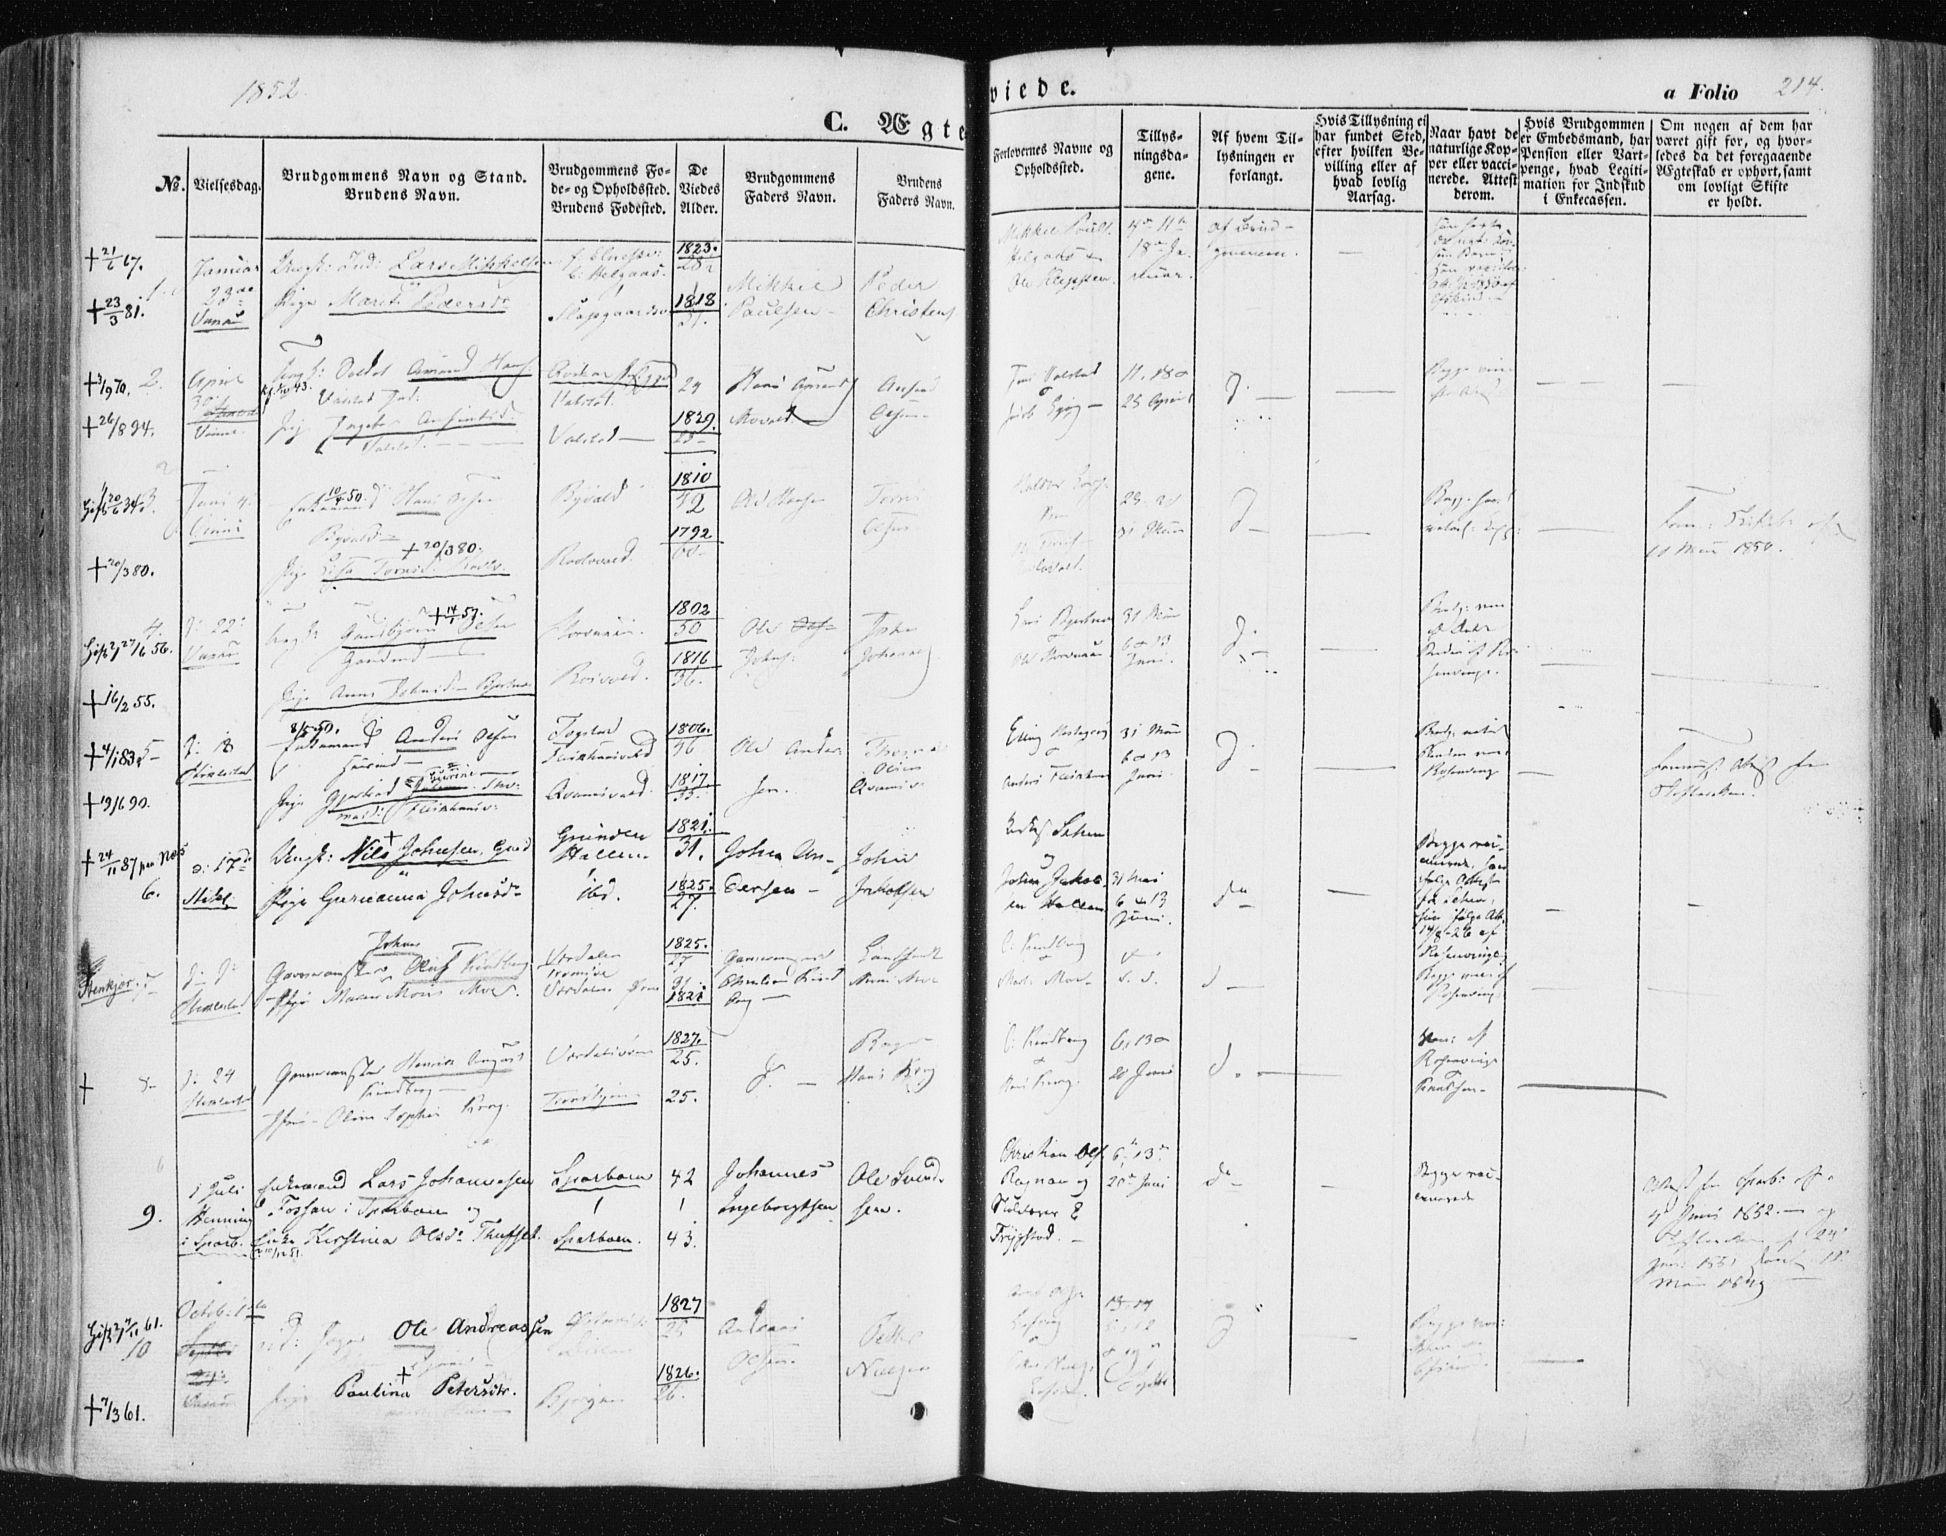 SAT, Ministerialprotokoller, klokkerbøker og fødselsregistre - Nord-Trøndelag, 723/L0240: Ministerialbok nr. 723A09, 1852-1860, s. 214